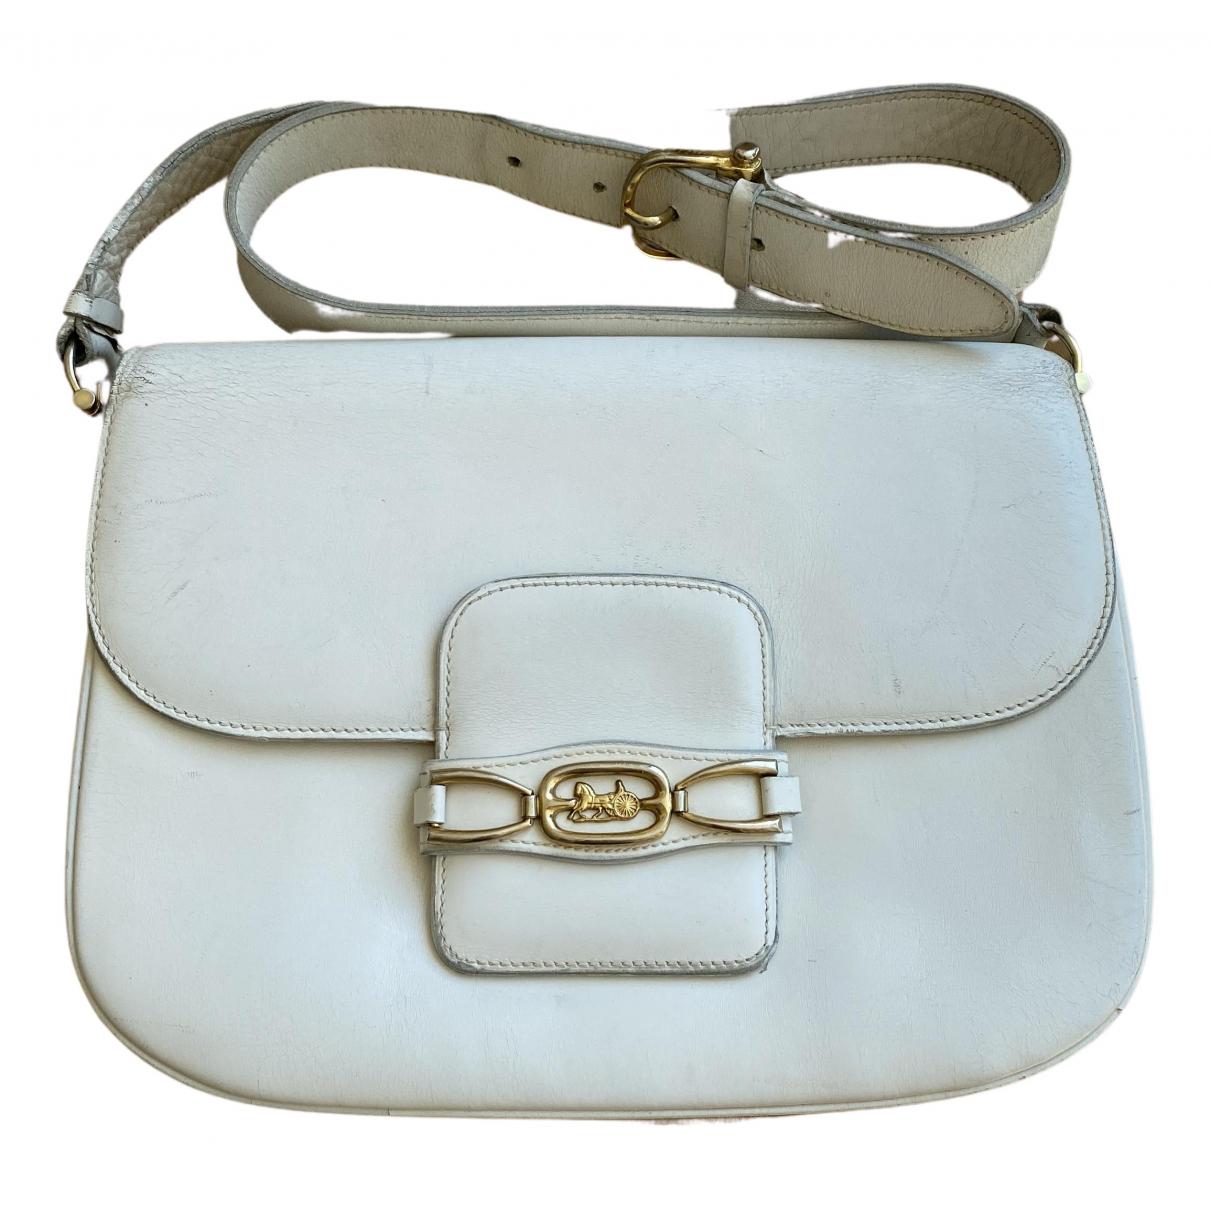 Celine N White Leather handbag for Women N